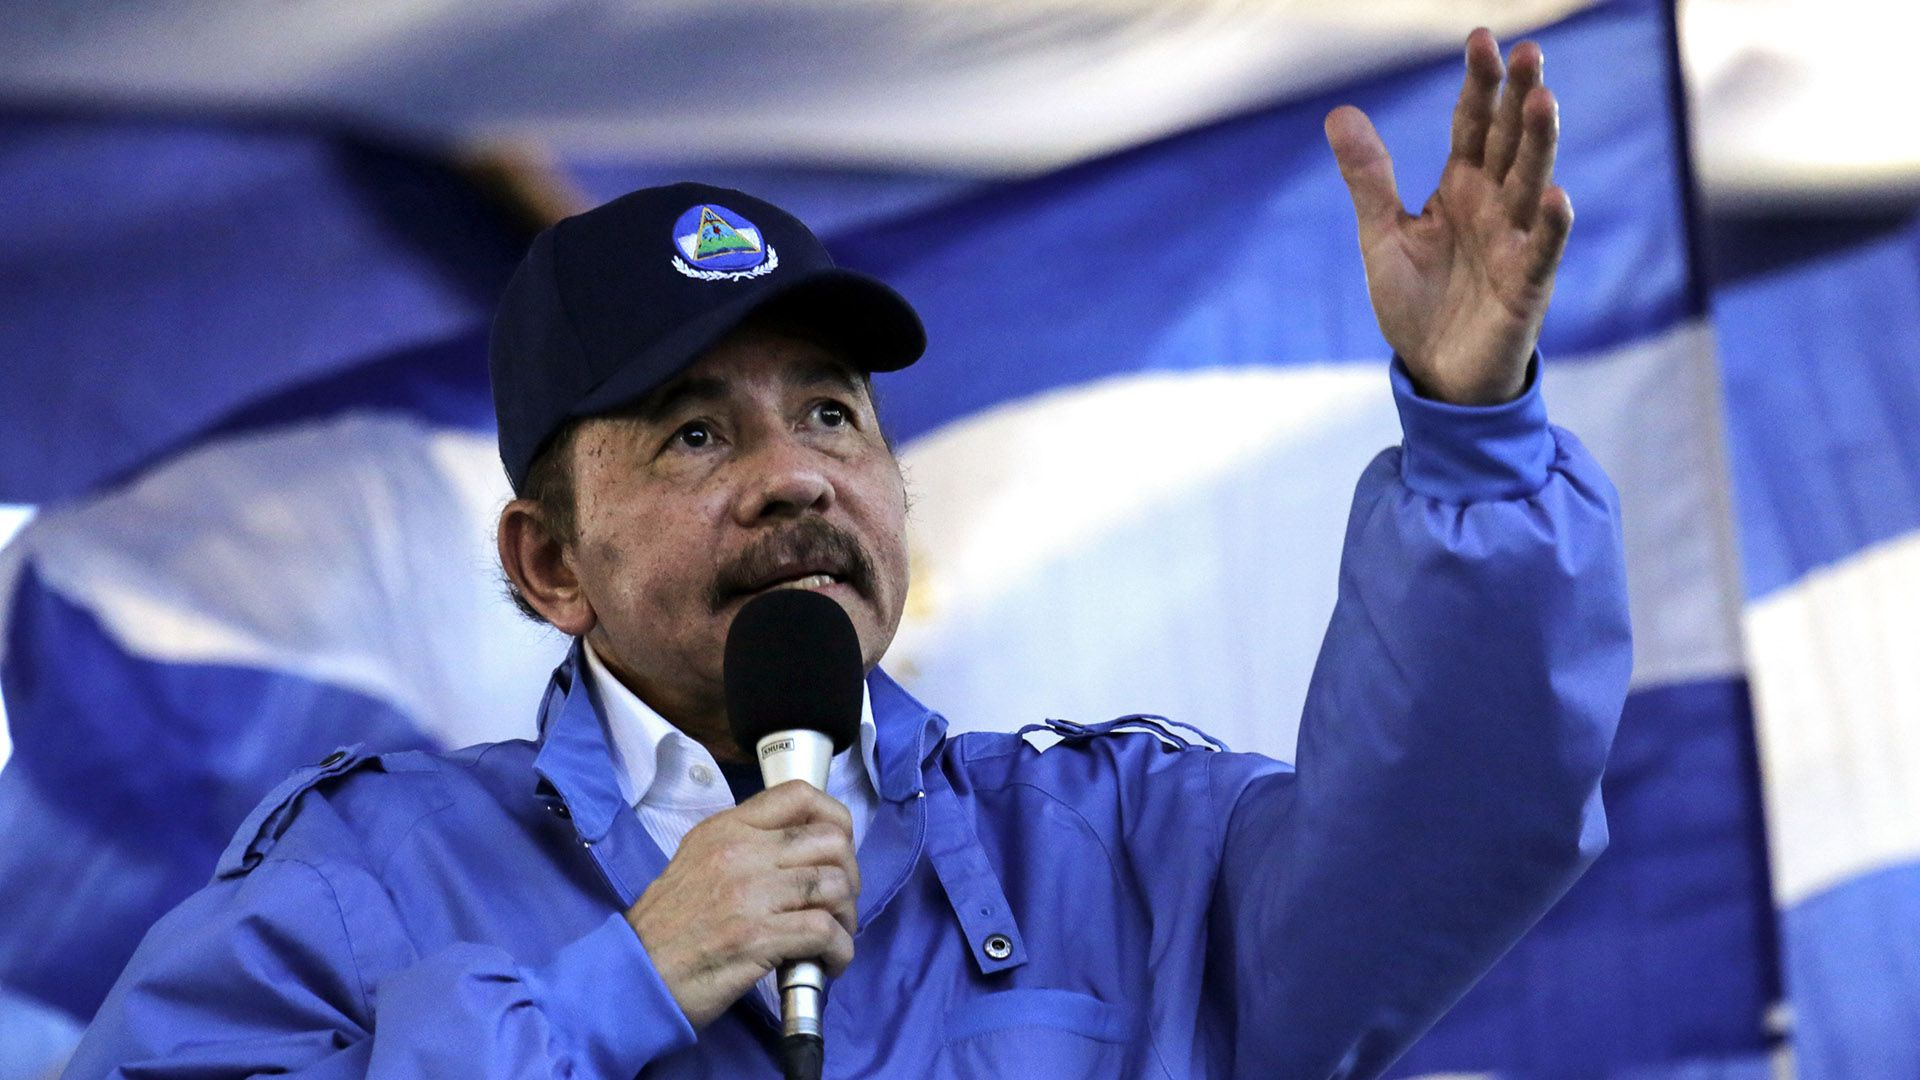 Daniel Ortega se comprometió a liberar a los presos políticos (AFP)